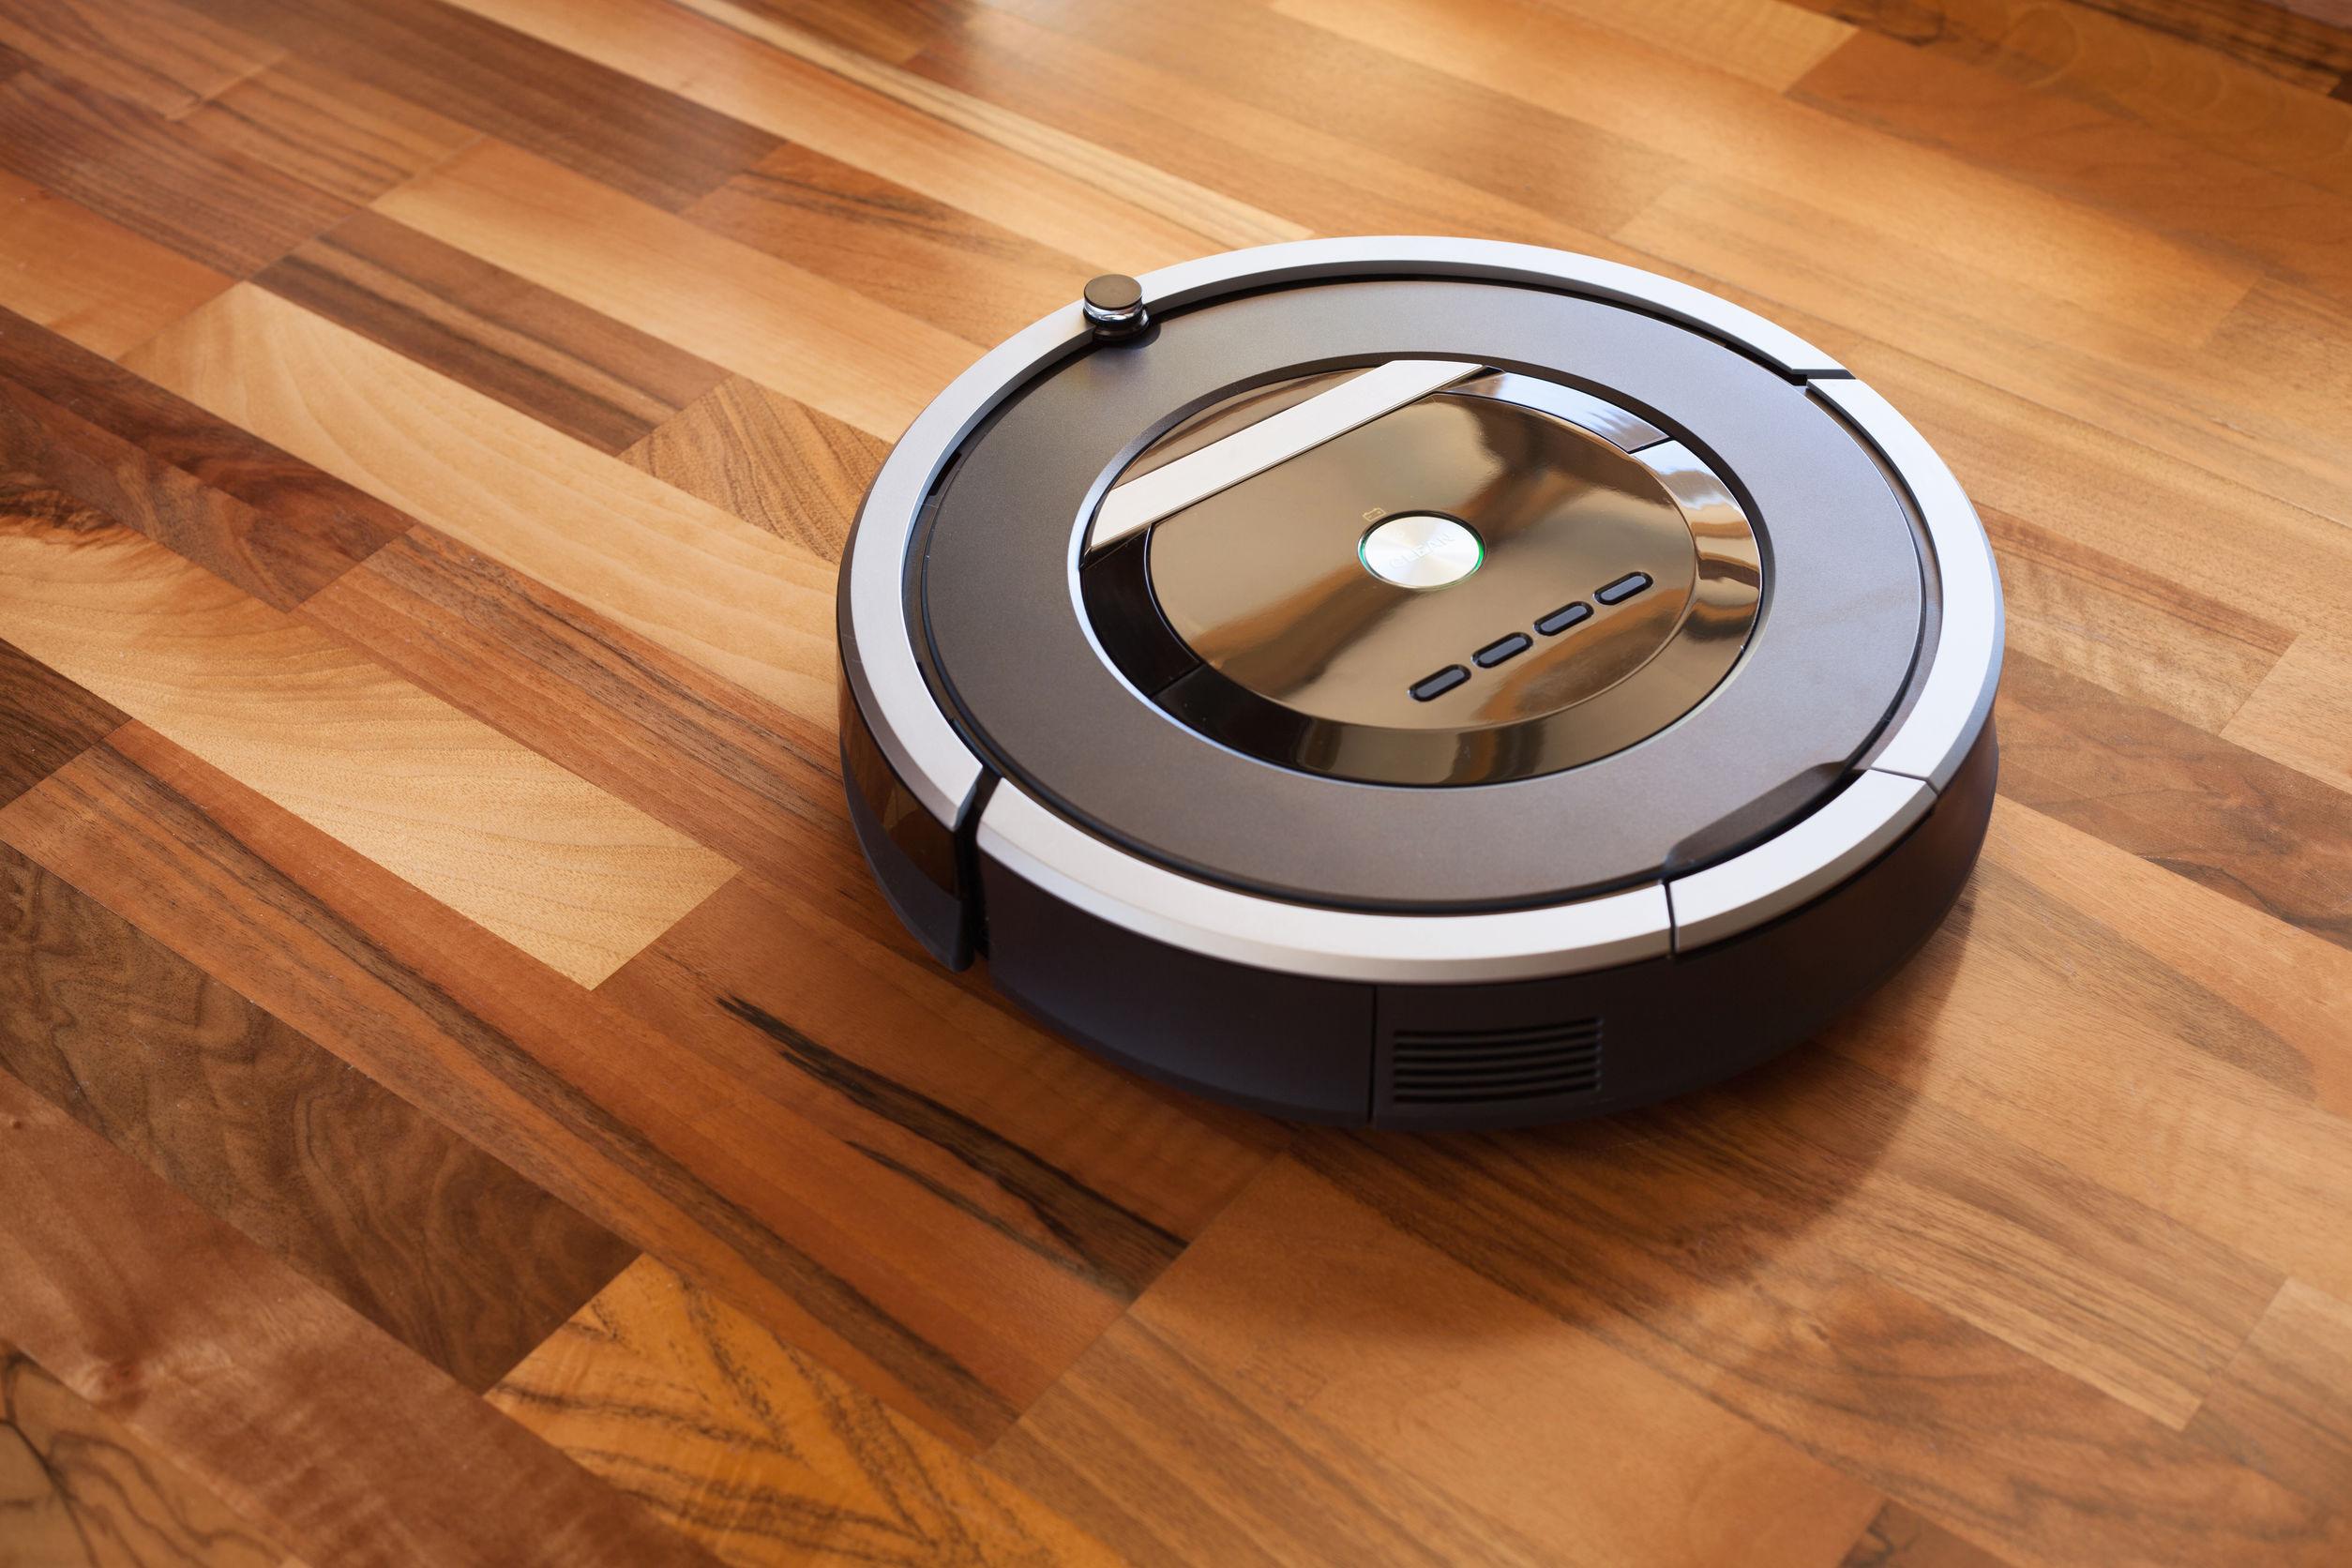 Miglior robot lavapavimenti 2021: Guida all'acquisto